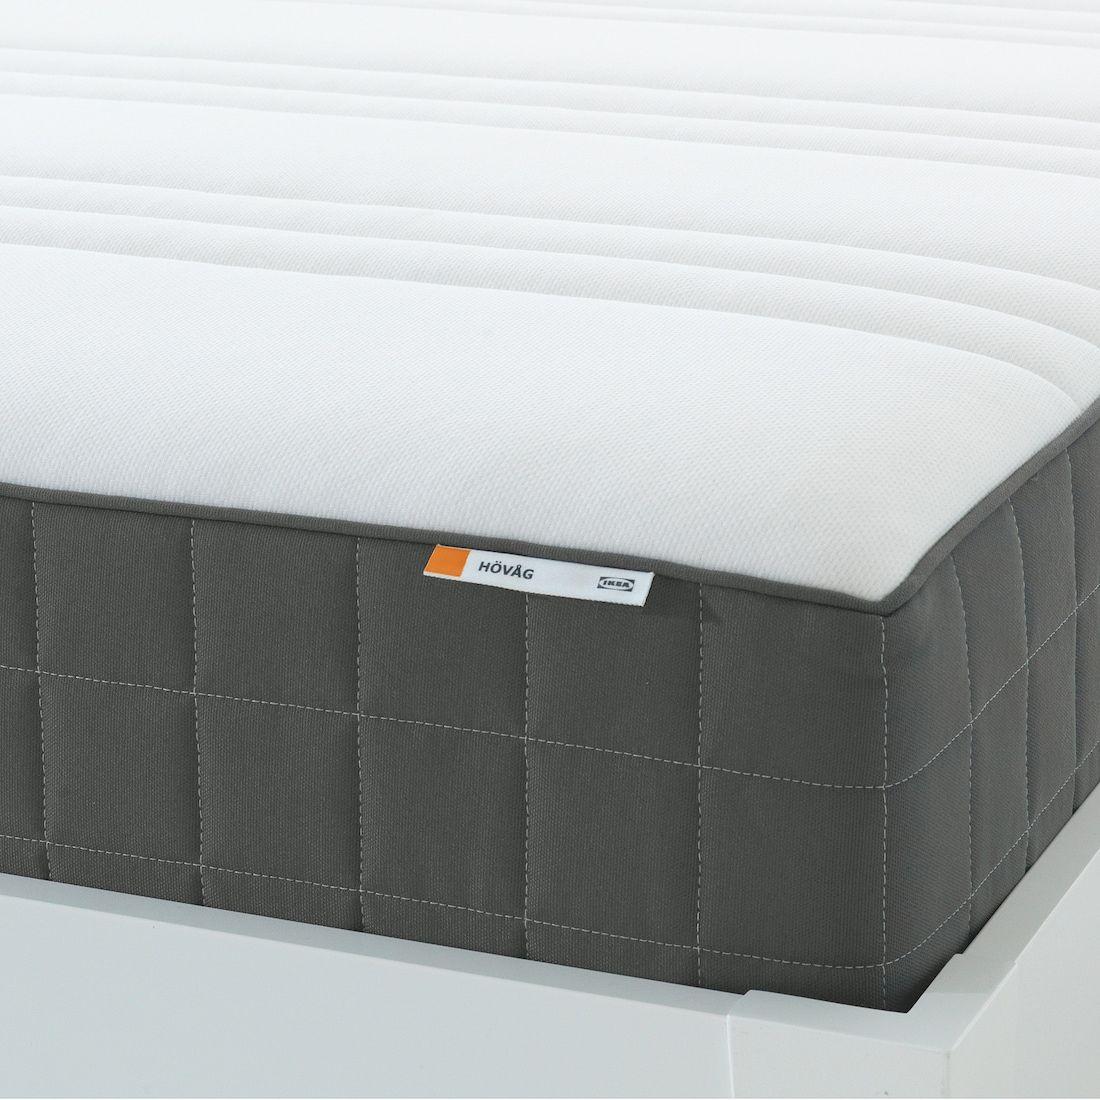 Hovag Pocket Sprung Mattress Extra Firm Dark Grey Ikea In 2020 Pocket Spring Mattress Ikea Ikea Mattress